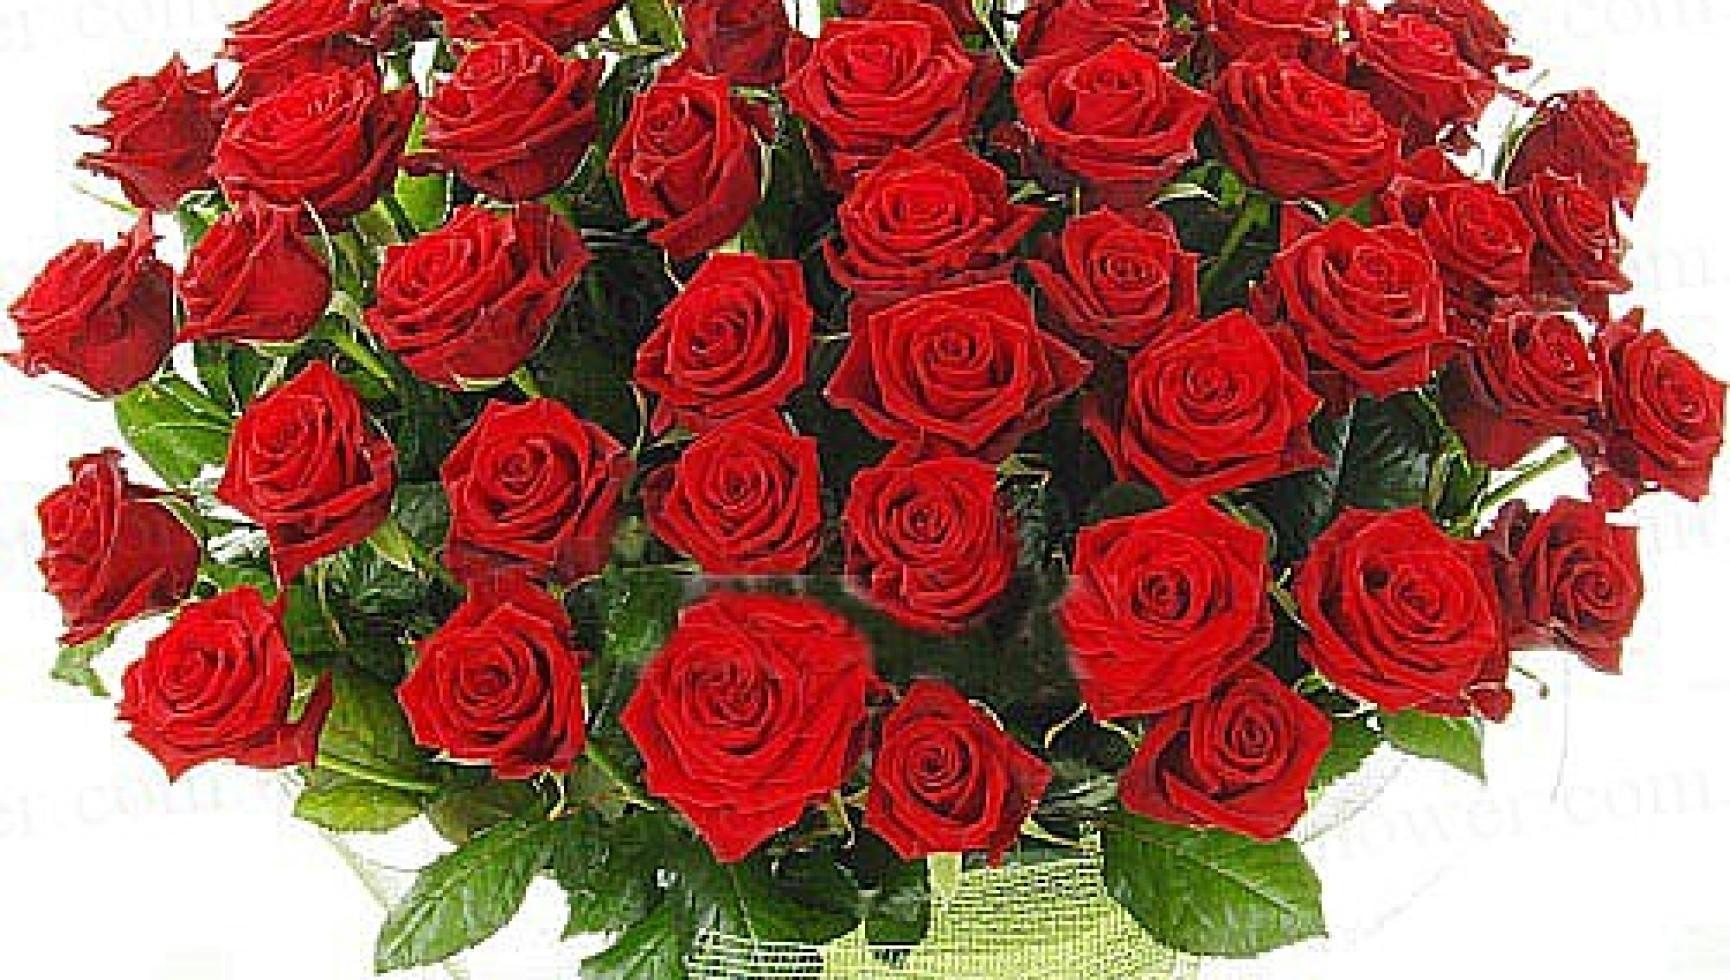 Поздравляем с Днем рождения главу муниципального образования Одоевский район Косарева Вячеслава Алексеевича